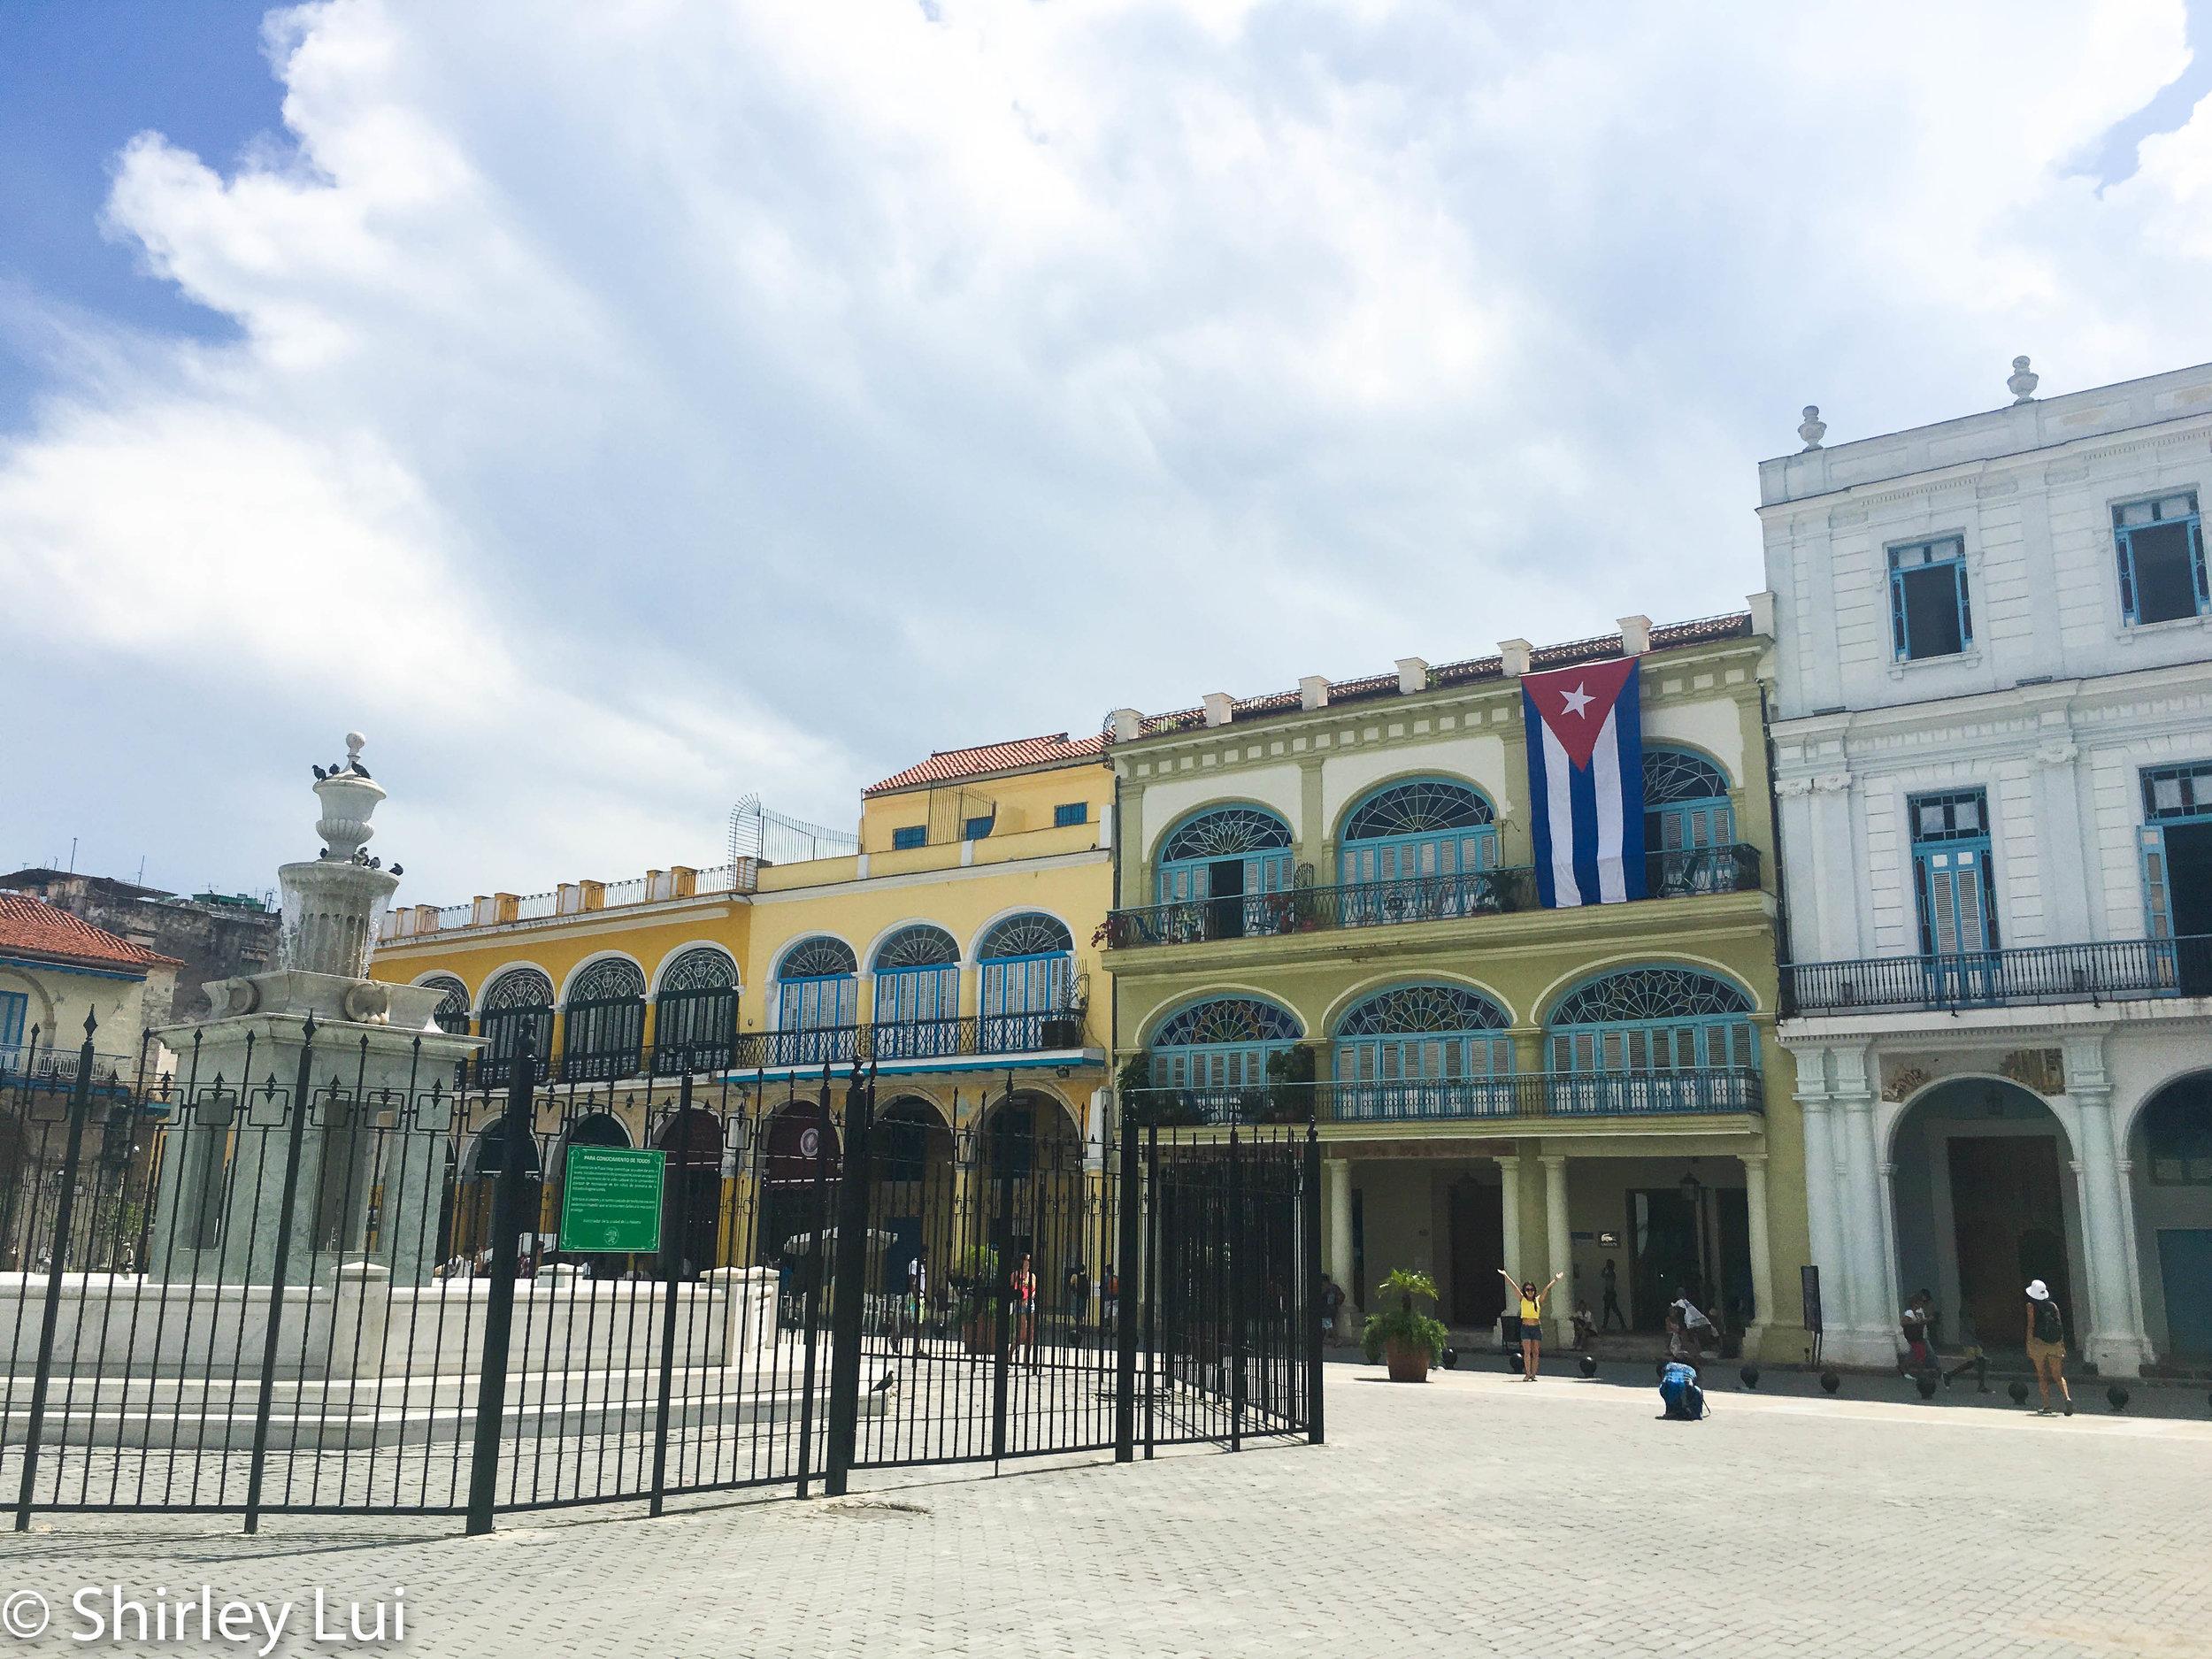 Old Square (Plaza Viejo) in Havana, Cuba.